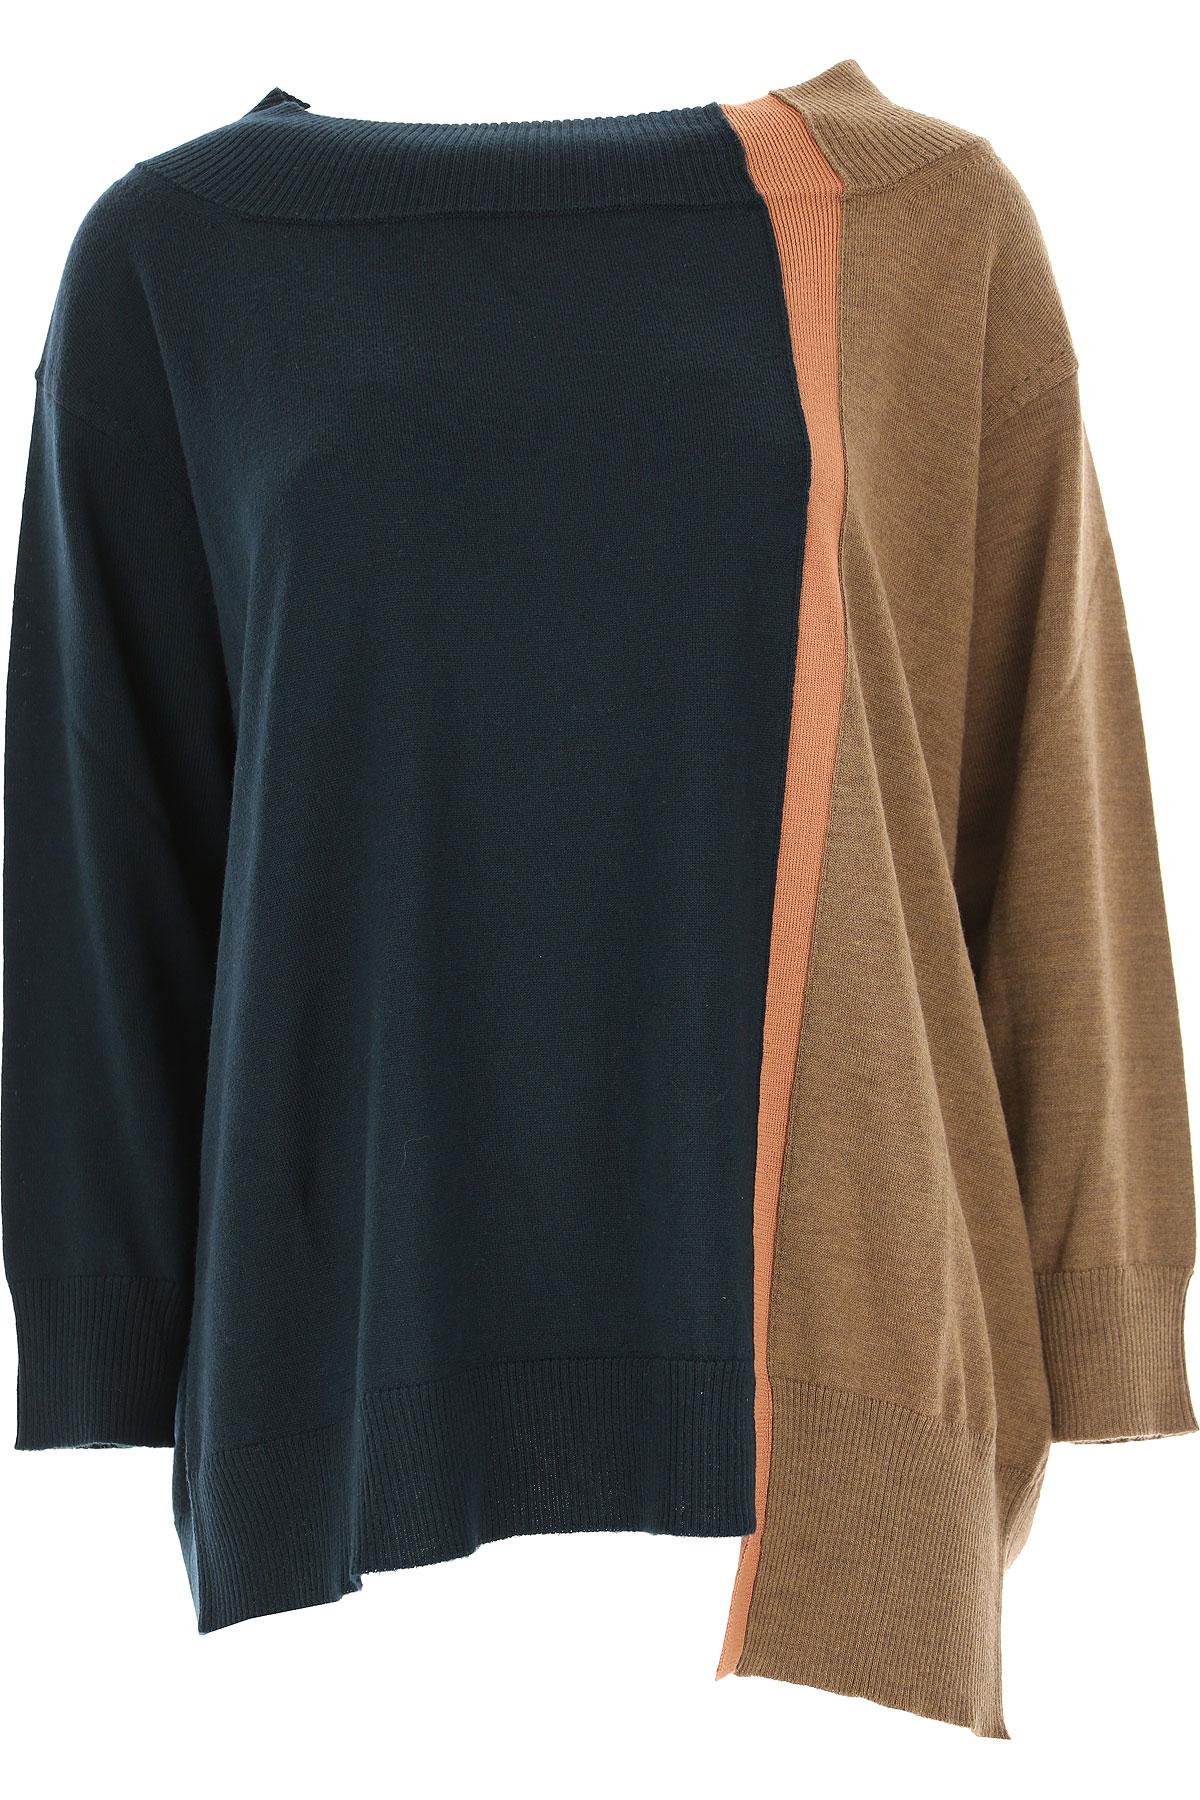 Image of Antonio Marras Sweater for Women Jumper, Dark Bottle Green, Wool, 2017, 4 6